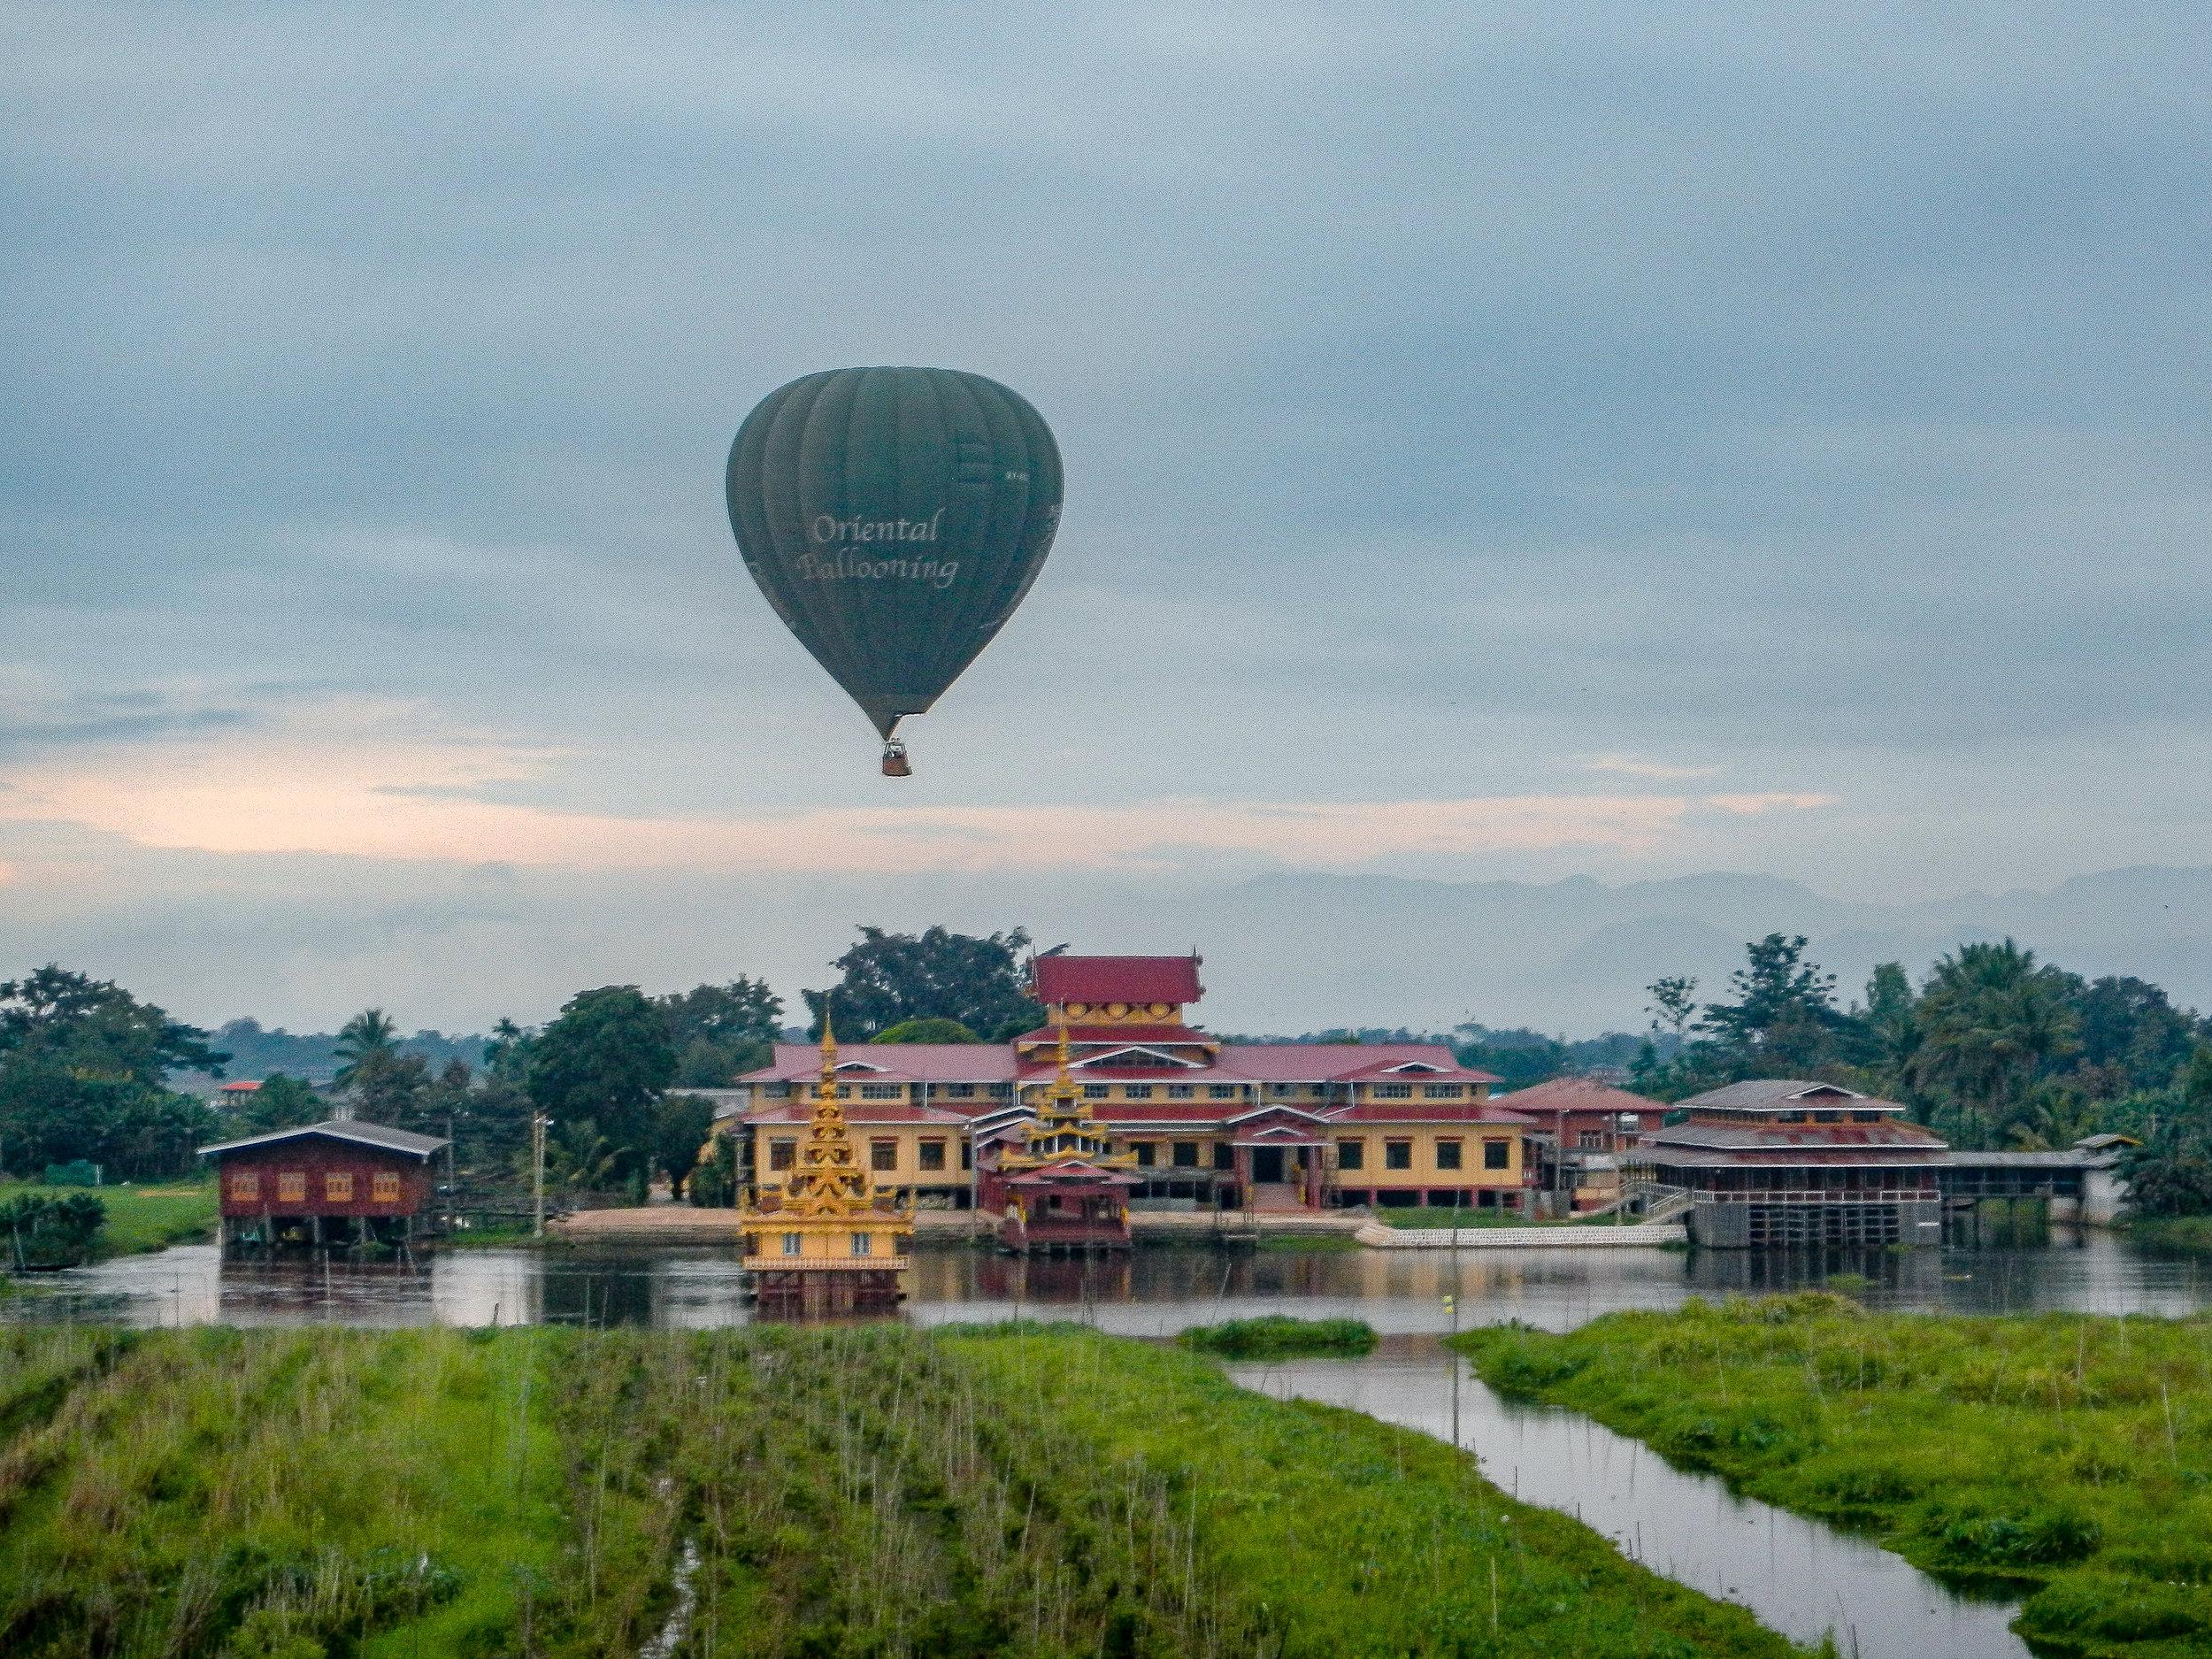 Oriental Ballooning hot-air balloon, Inle Lake, Myanmar